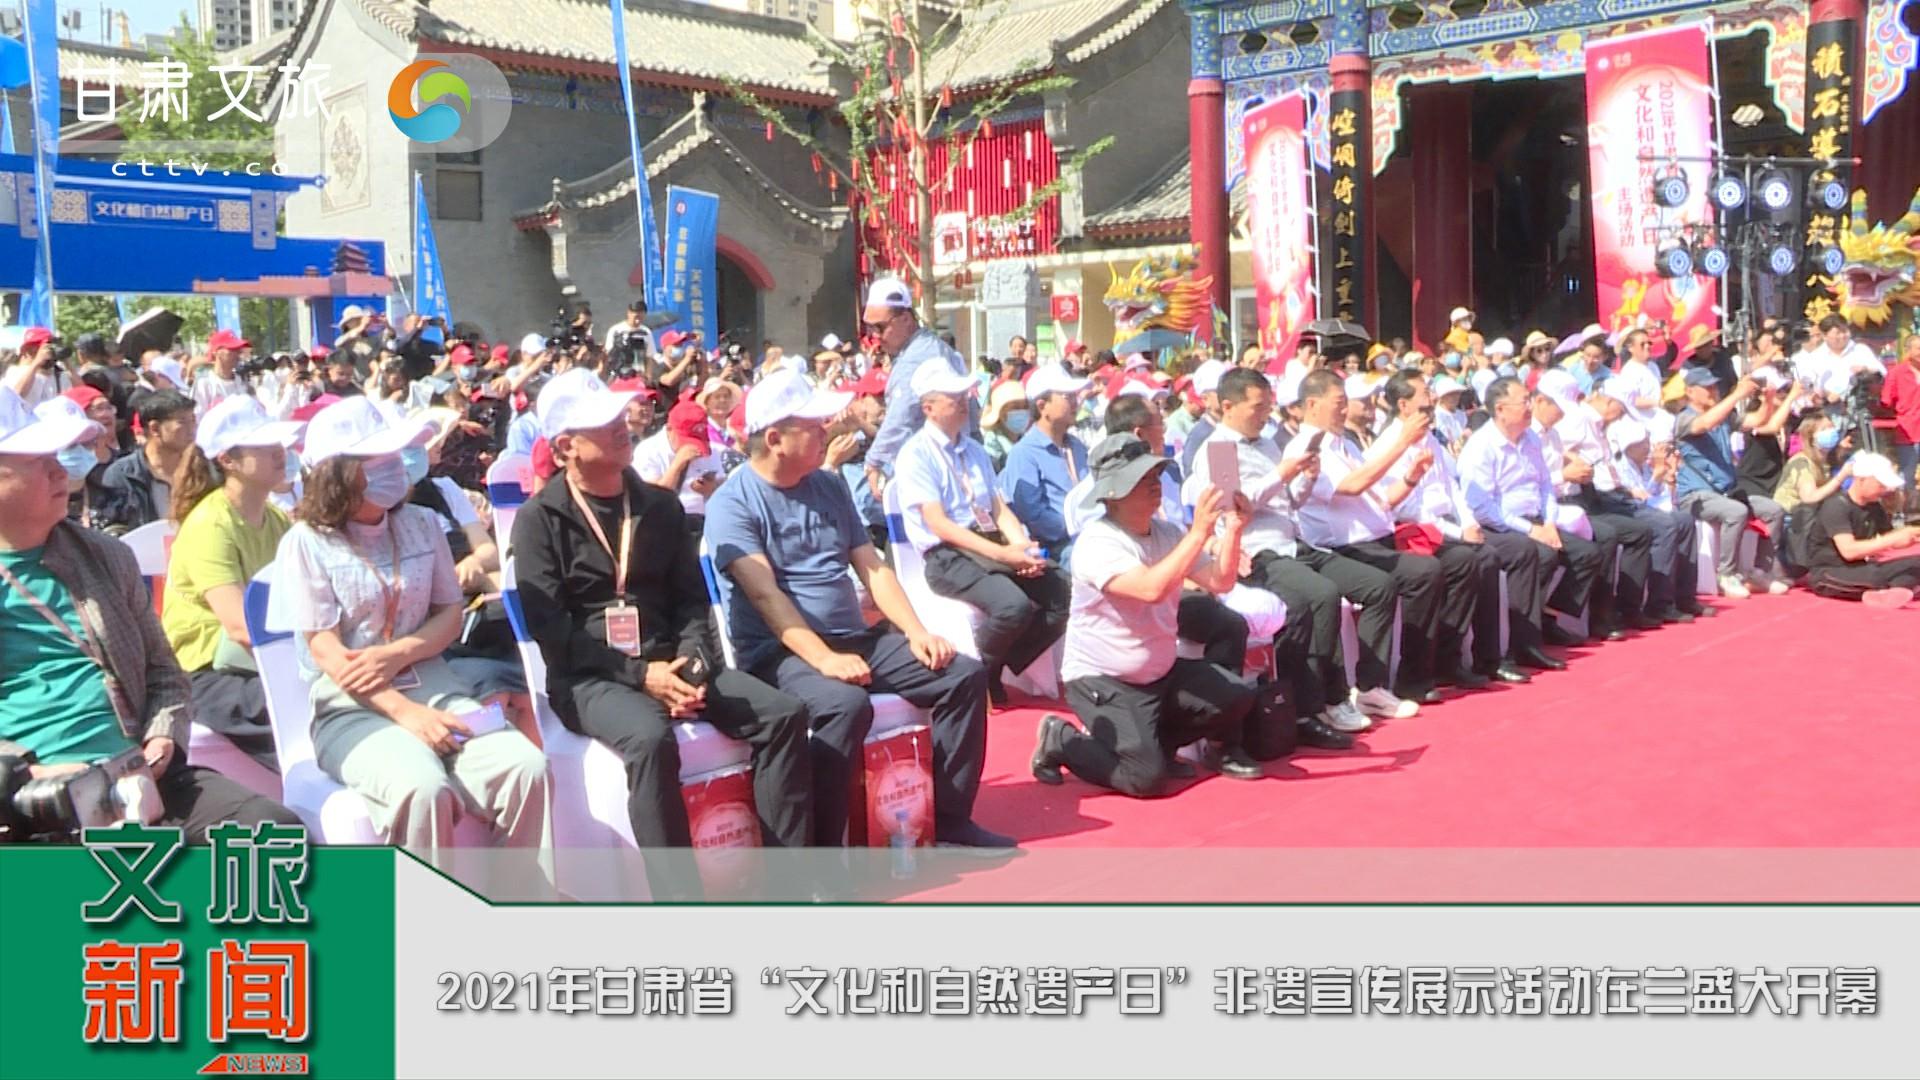 """2021年甘肃省""""文化和自然遗产日""""非遗宣传展示活动在兰盛大开幕"""